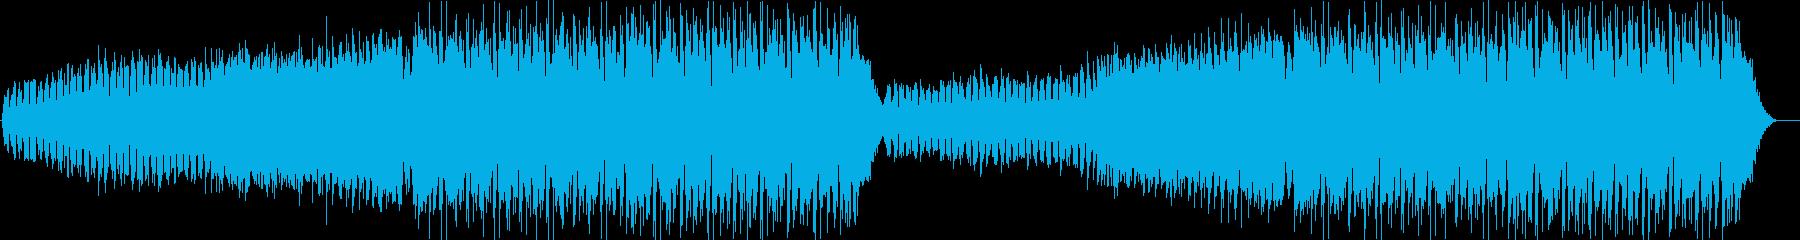 都会ドリーミーなEDMの再生済みの波形